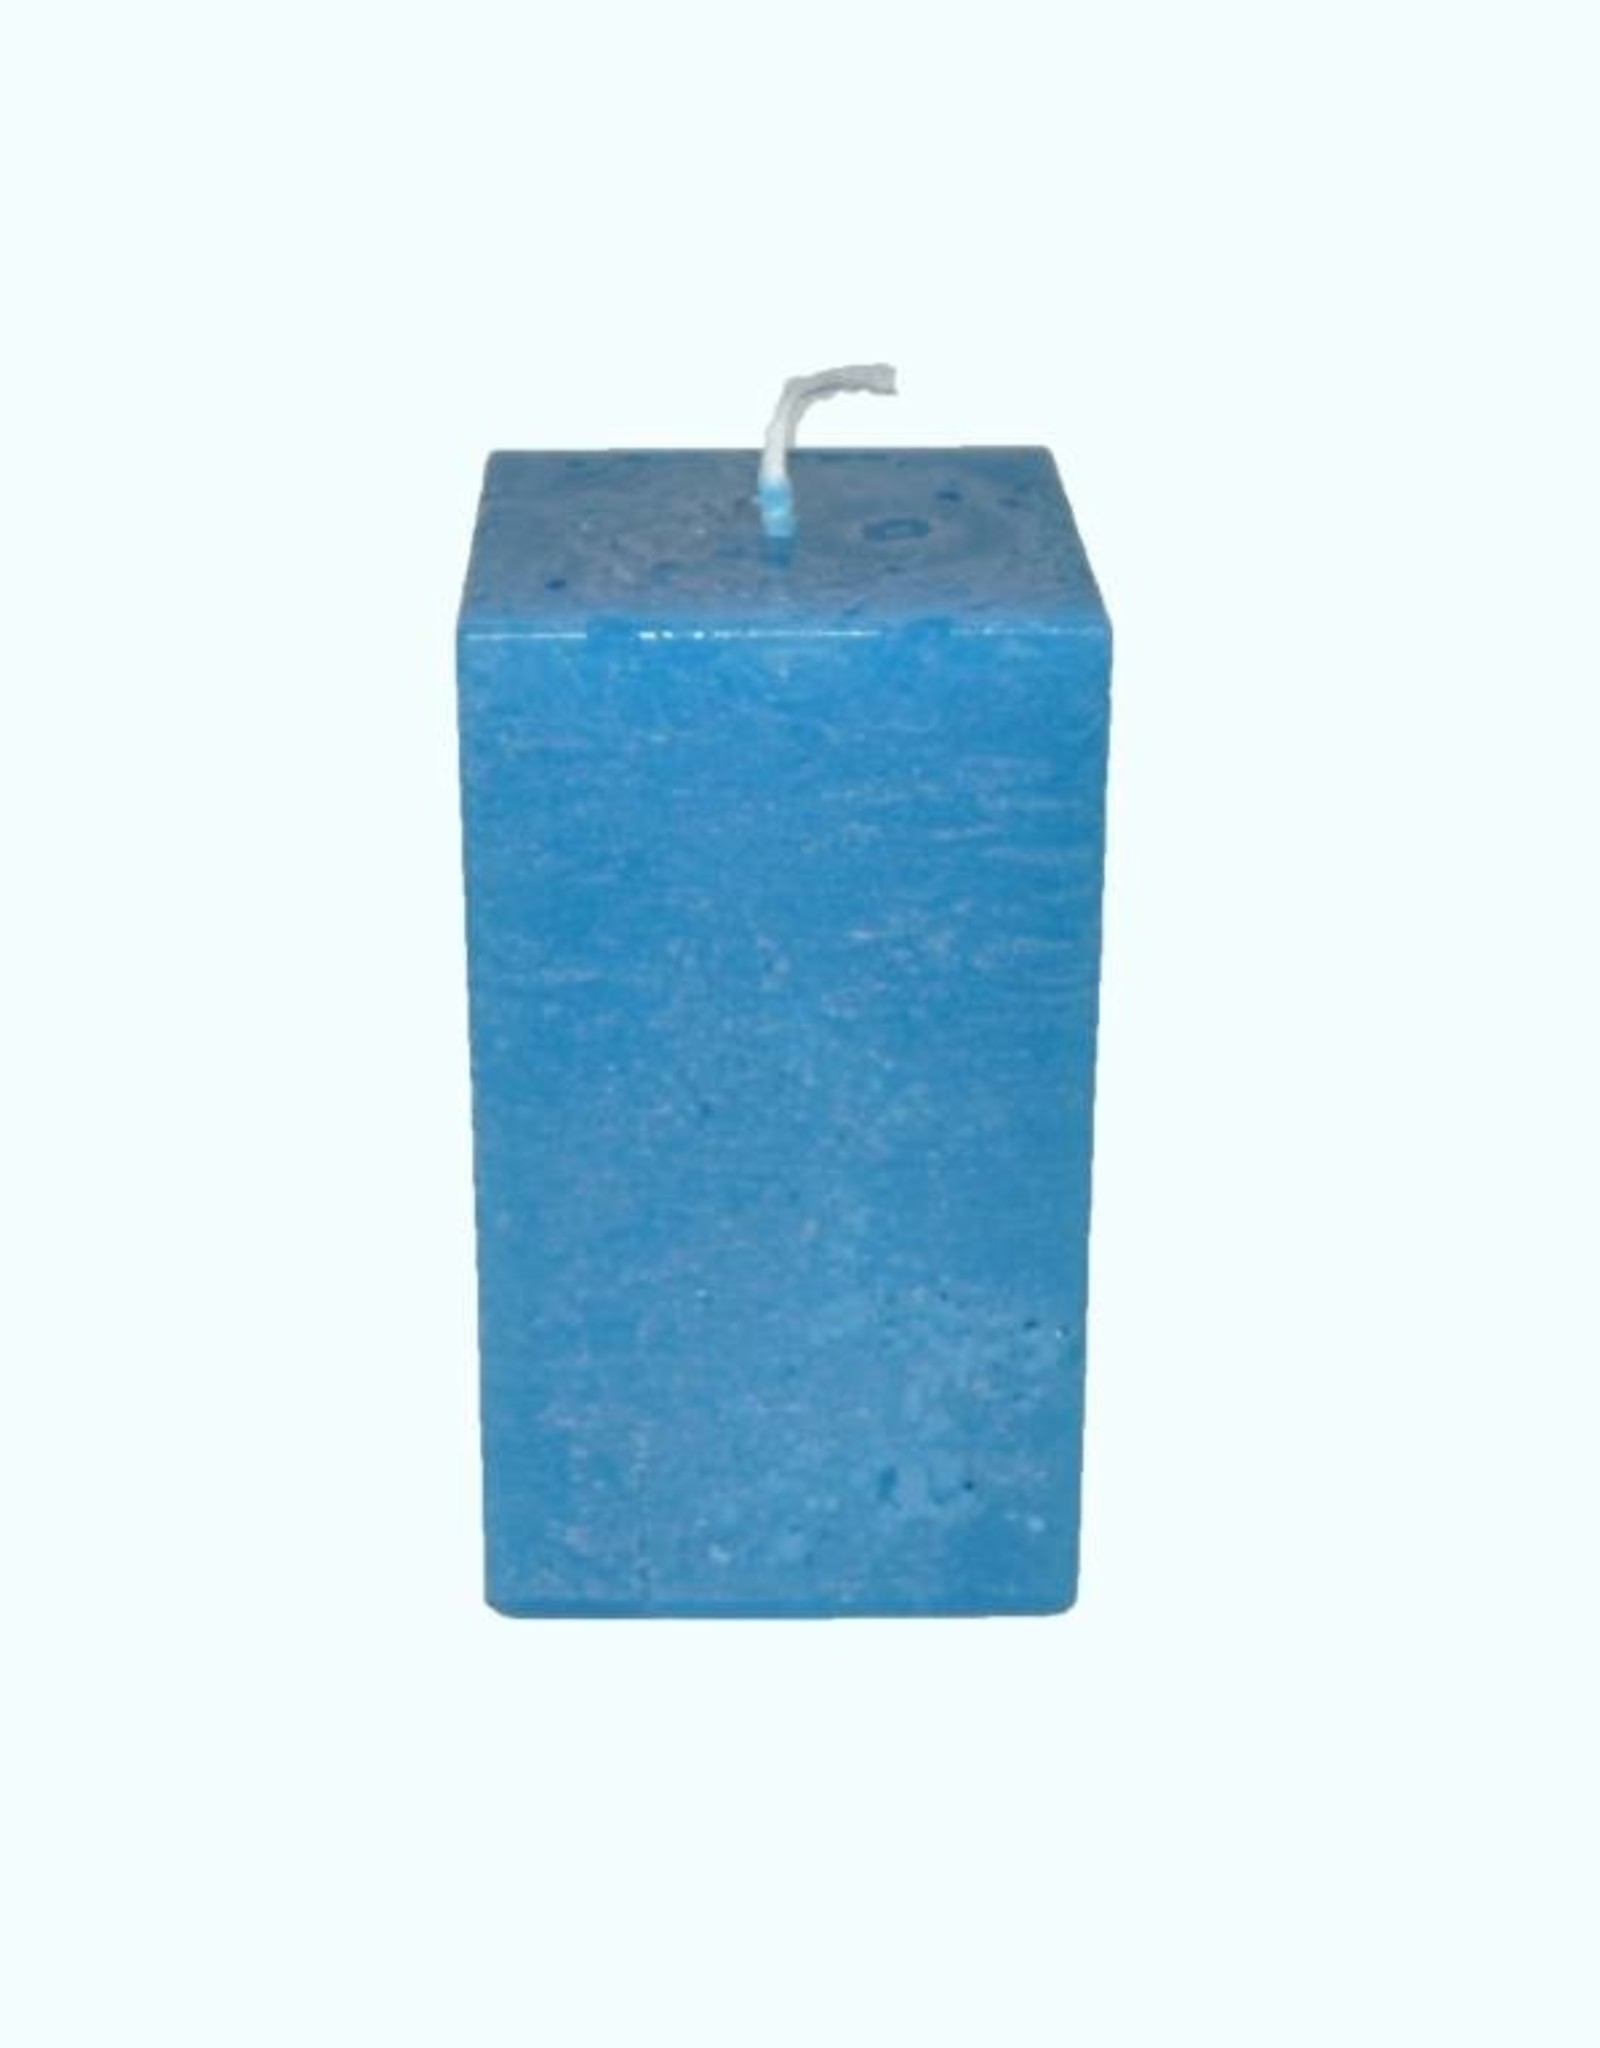 Felblauwe vierkante kaars met een rustique uitstraling